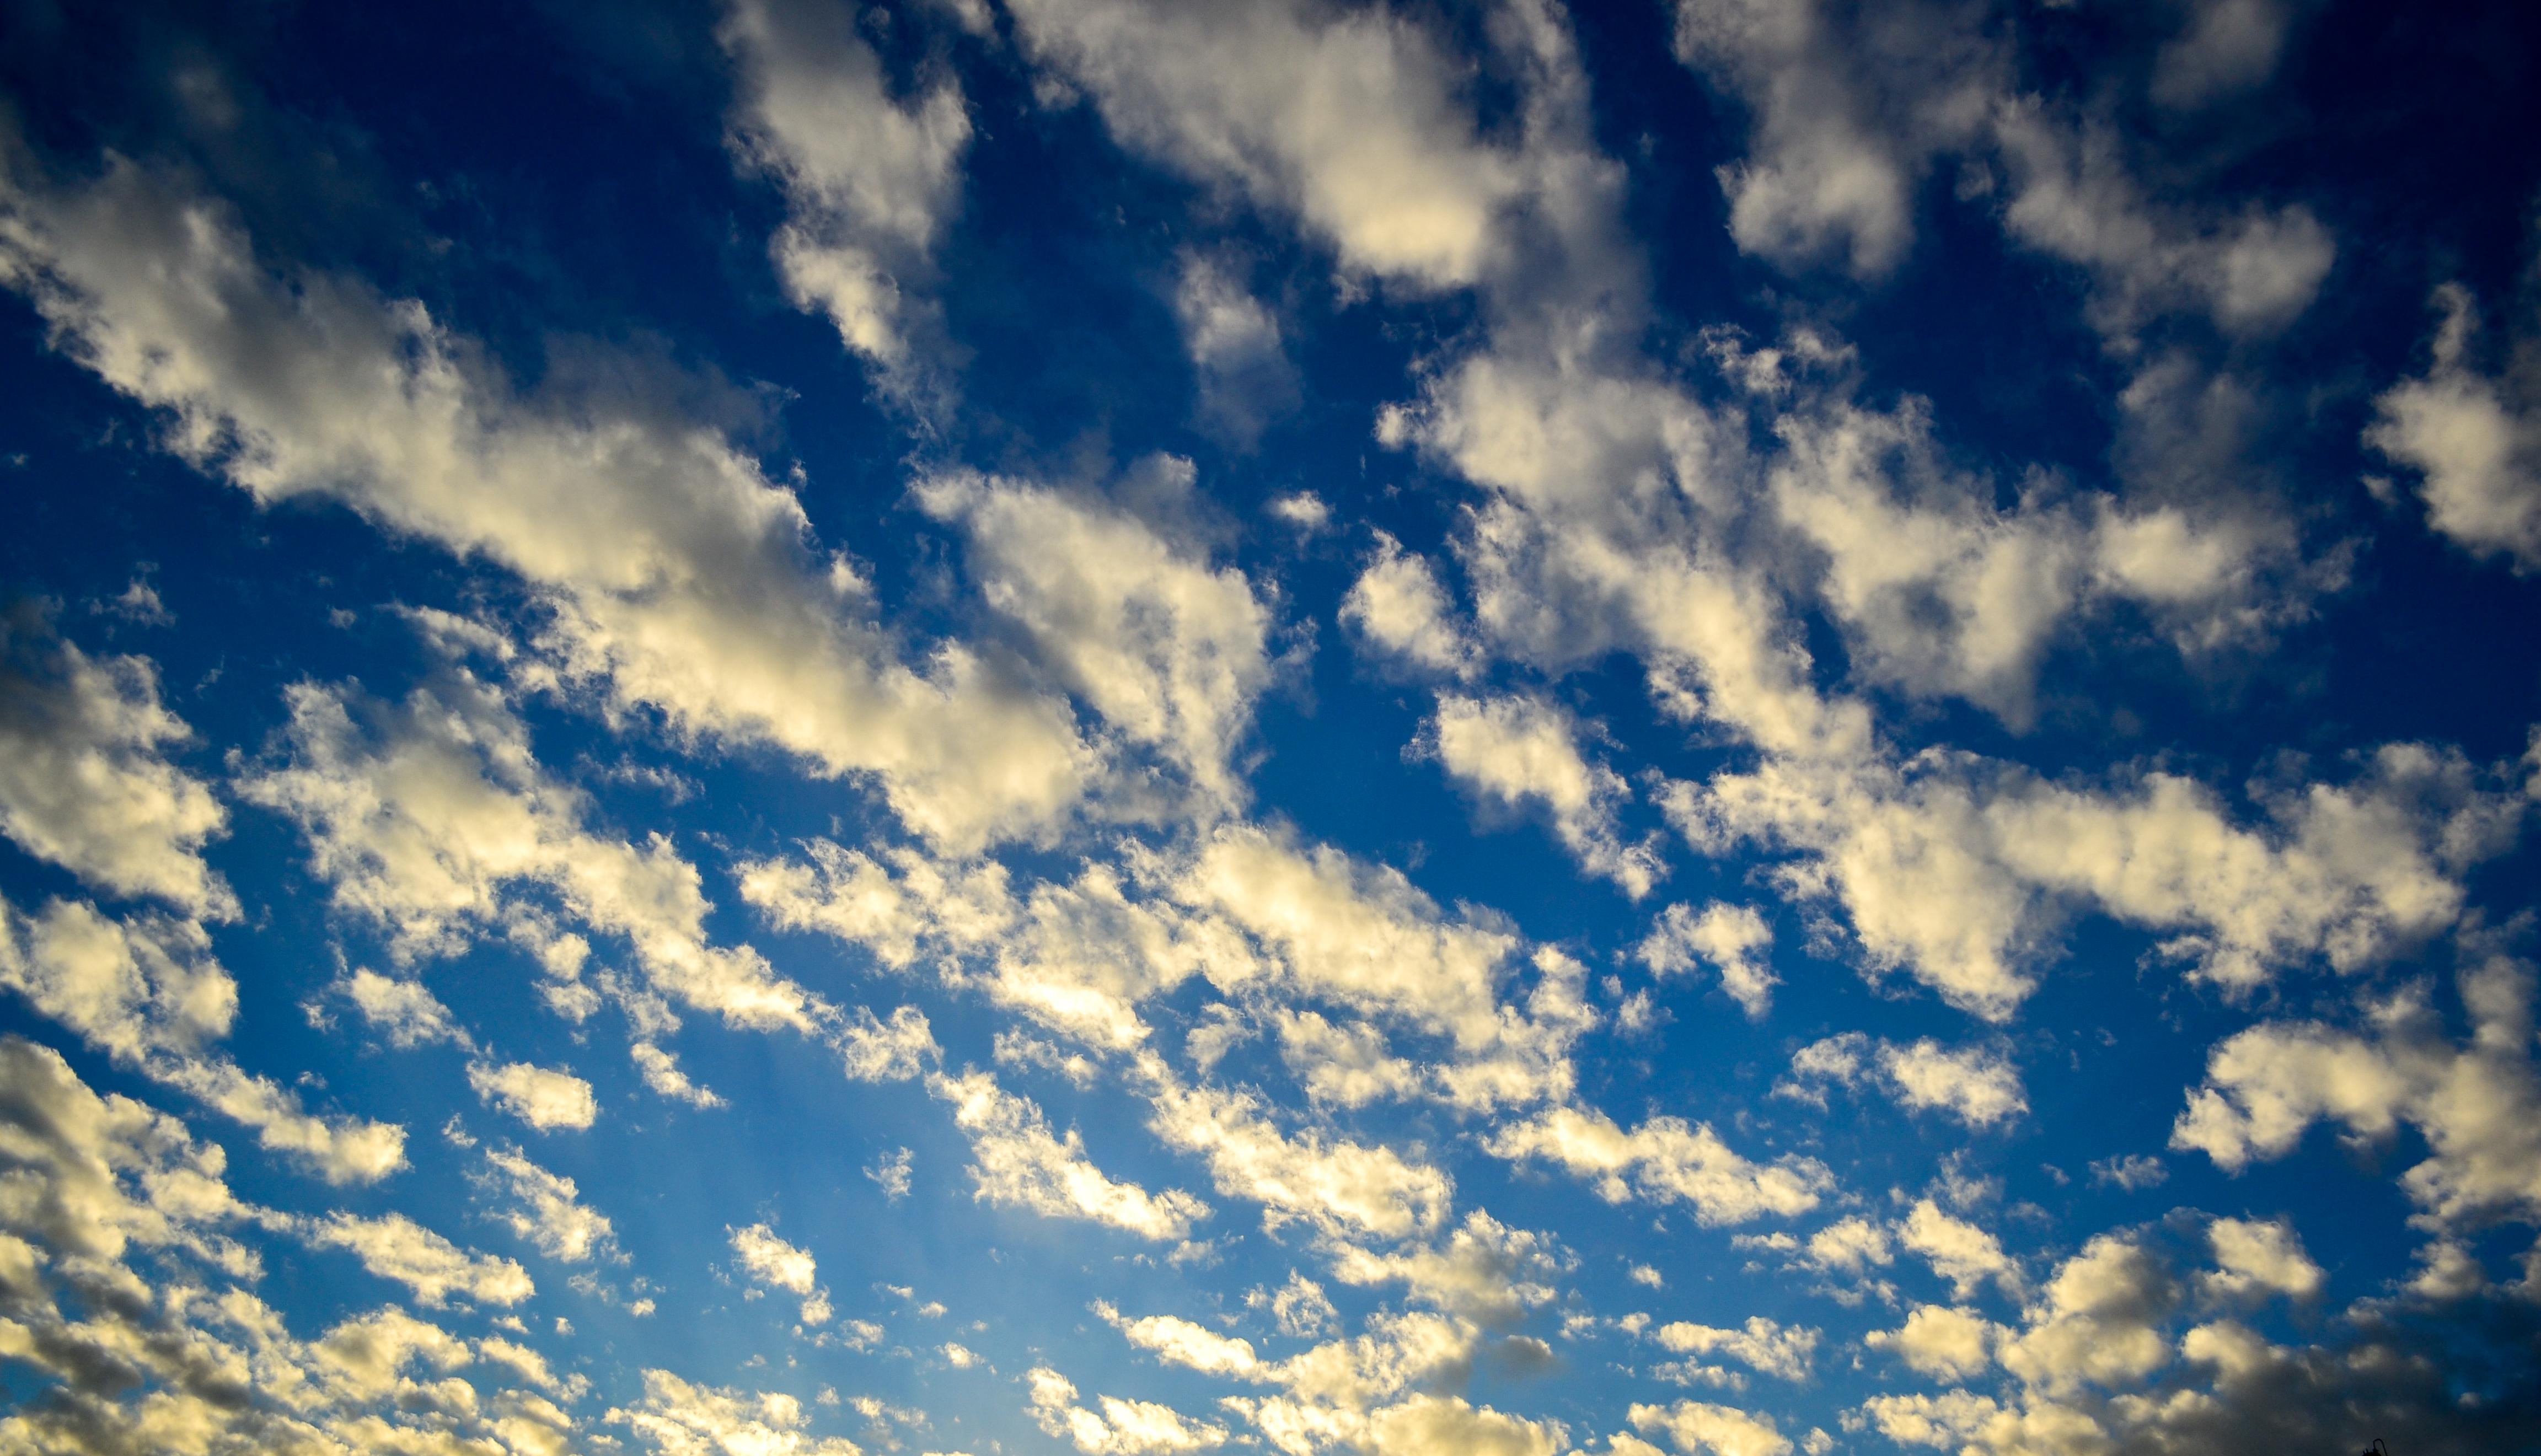 Bue sky, Blue, Clouds, Sky, HQ Photo